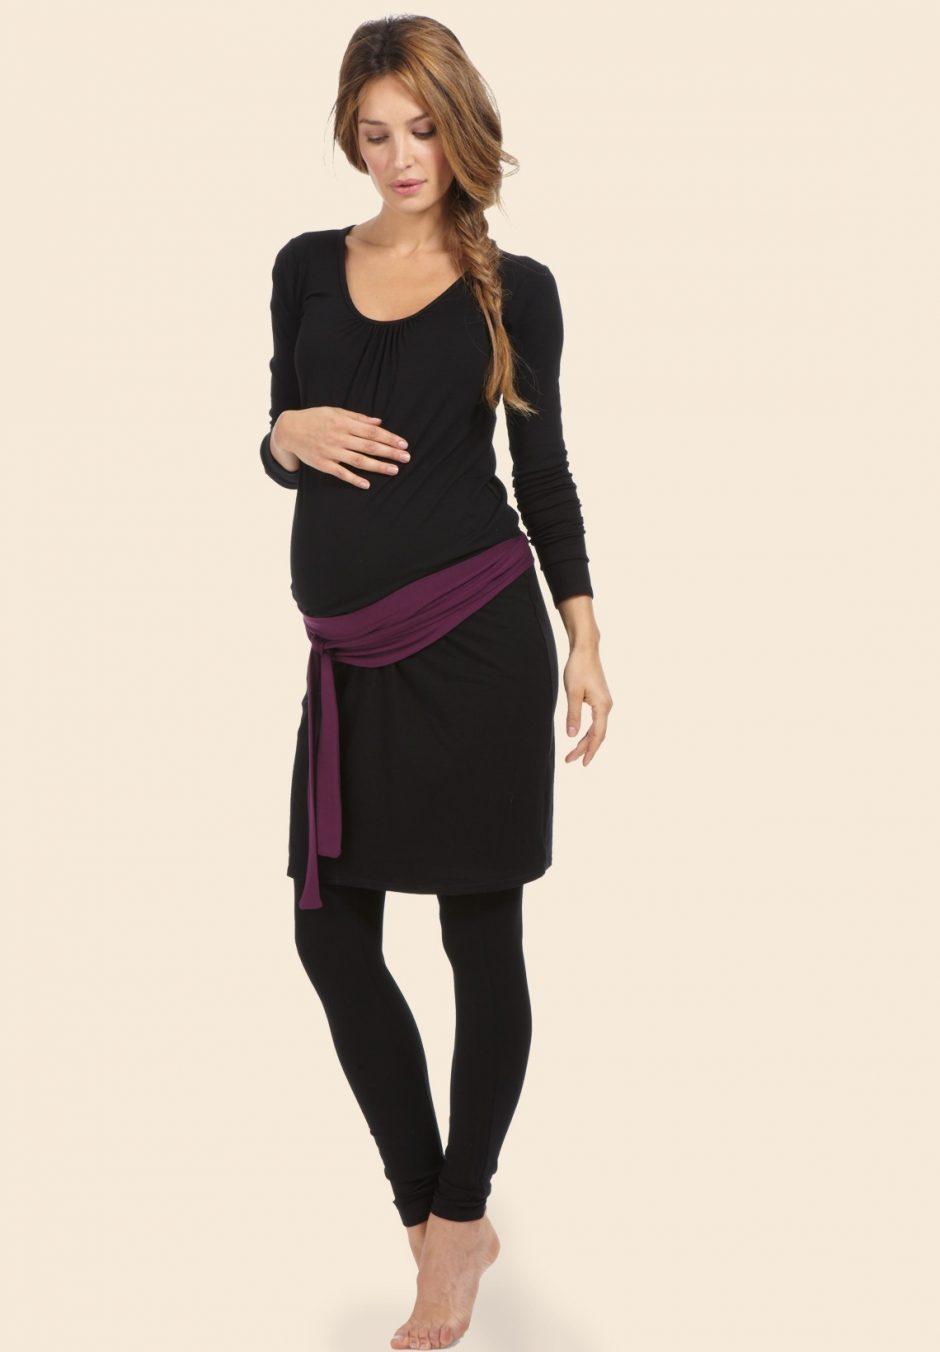 Boutique femme enceinte